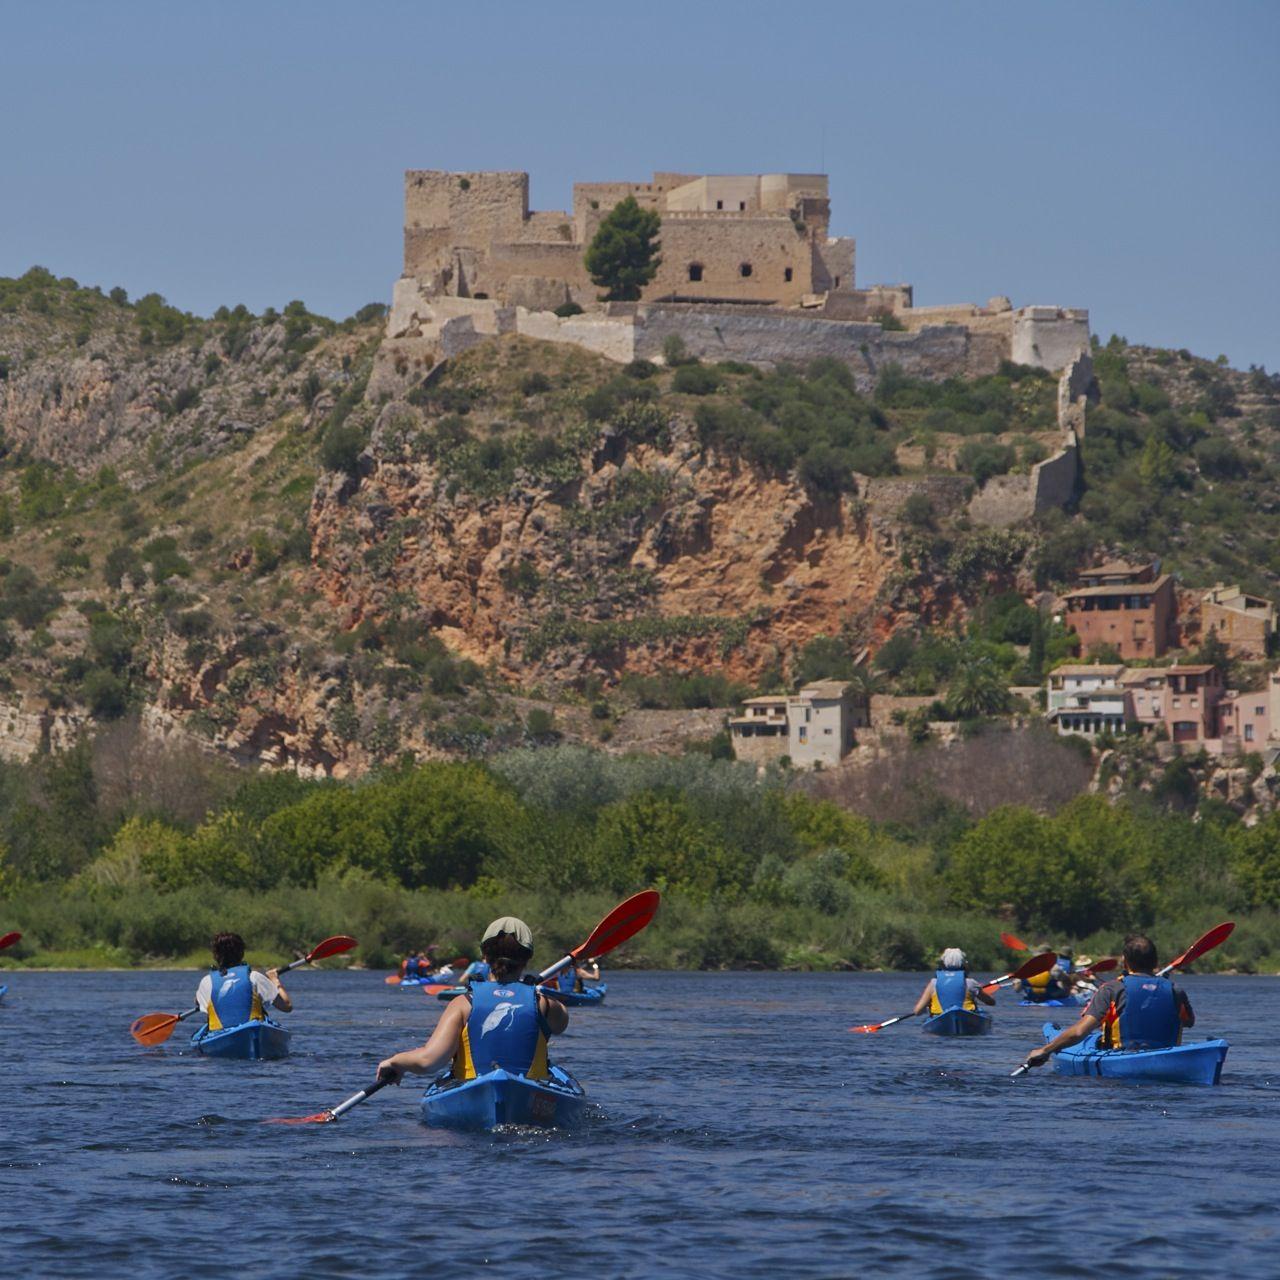 Ruta Kayak & Memory que fusiona la batalla de l'Ebre amb la navegació per l'Ebre.